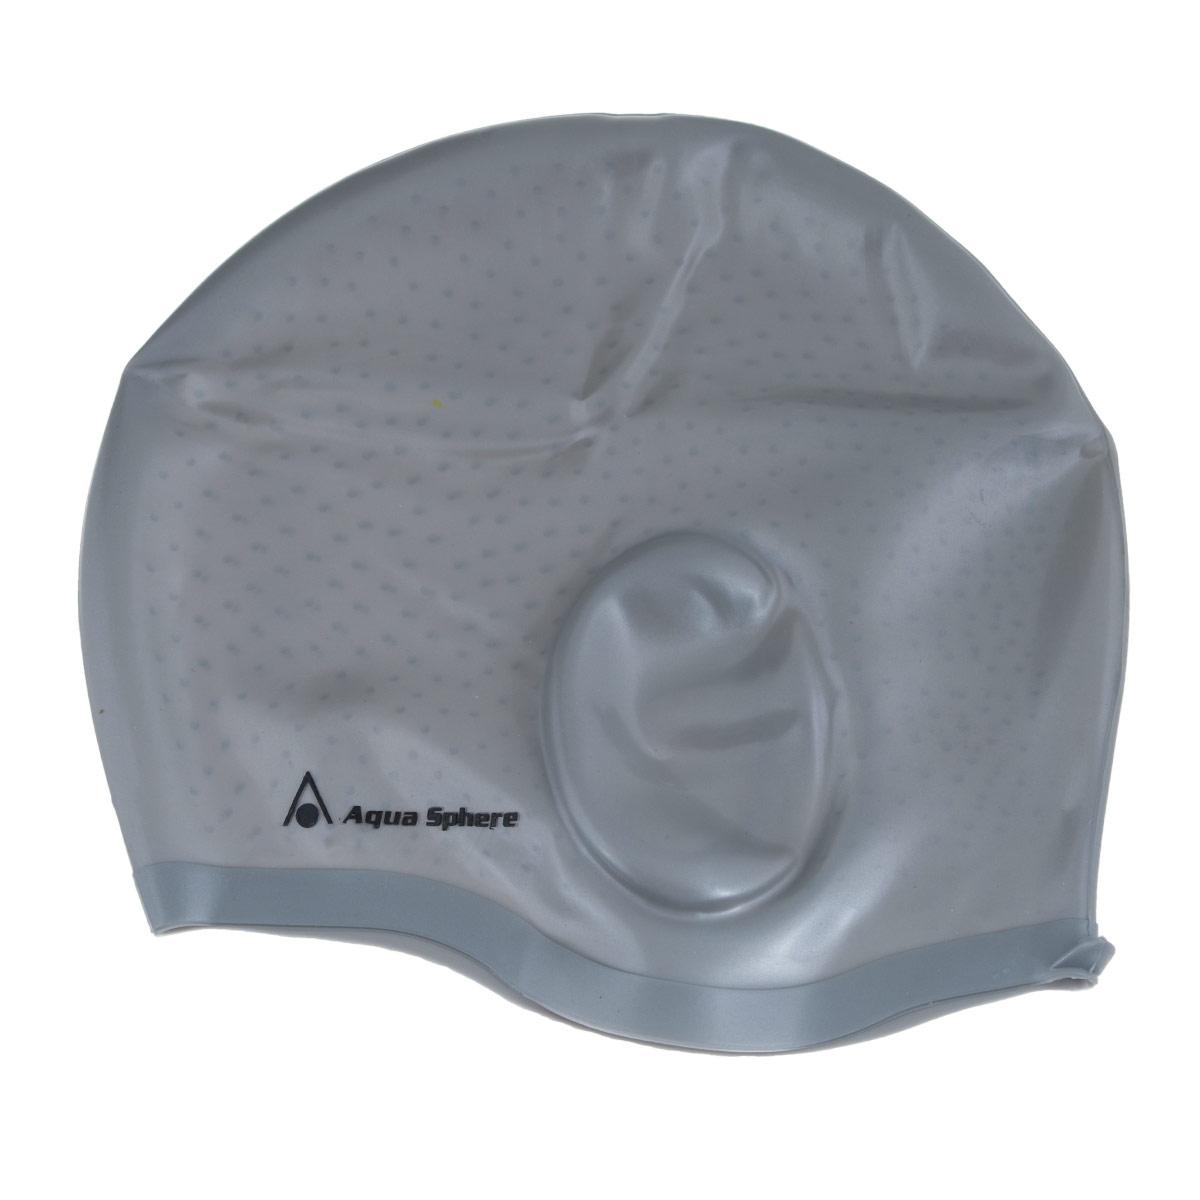 Шапочка для плавания Aqua Sphere Aqua Glide, цвет: серебристый3B254Анатомическая силиконовая шапочка Aqua Sphere Aqua Glide выполнена из высококачественного гипоаллергенного силикона. Специальные ушные карманы уменьшают давление шапочки на уши и предотвращают ее соскальзывание. Пупырчатая внутренняя поверхность также препятствует соскальзыванию. Шапочка обеспечивает 100% защиту от ультрафиолетового излучения.